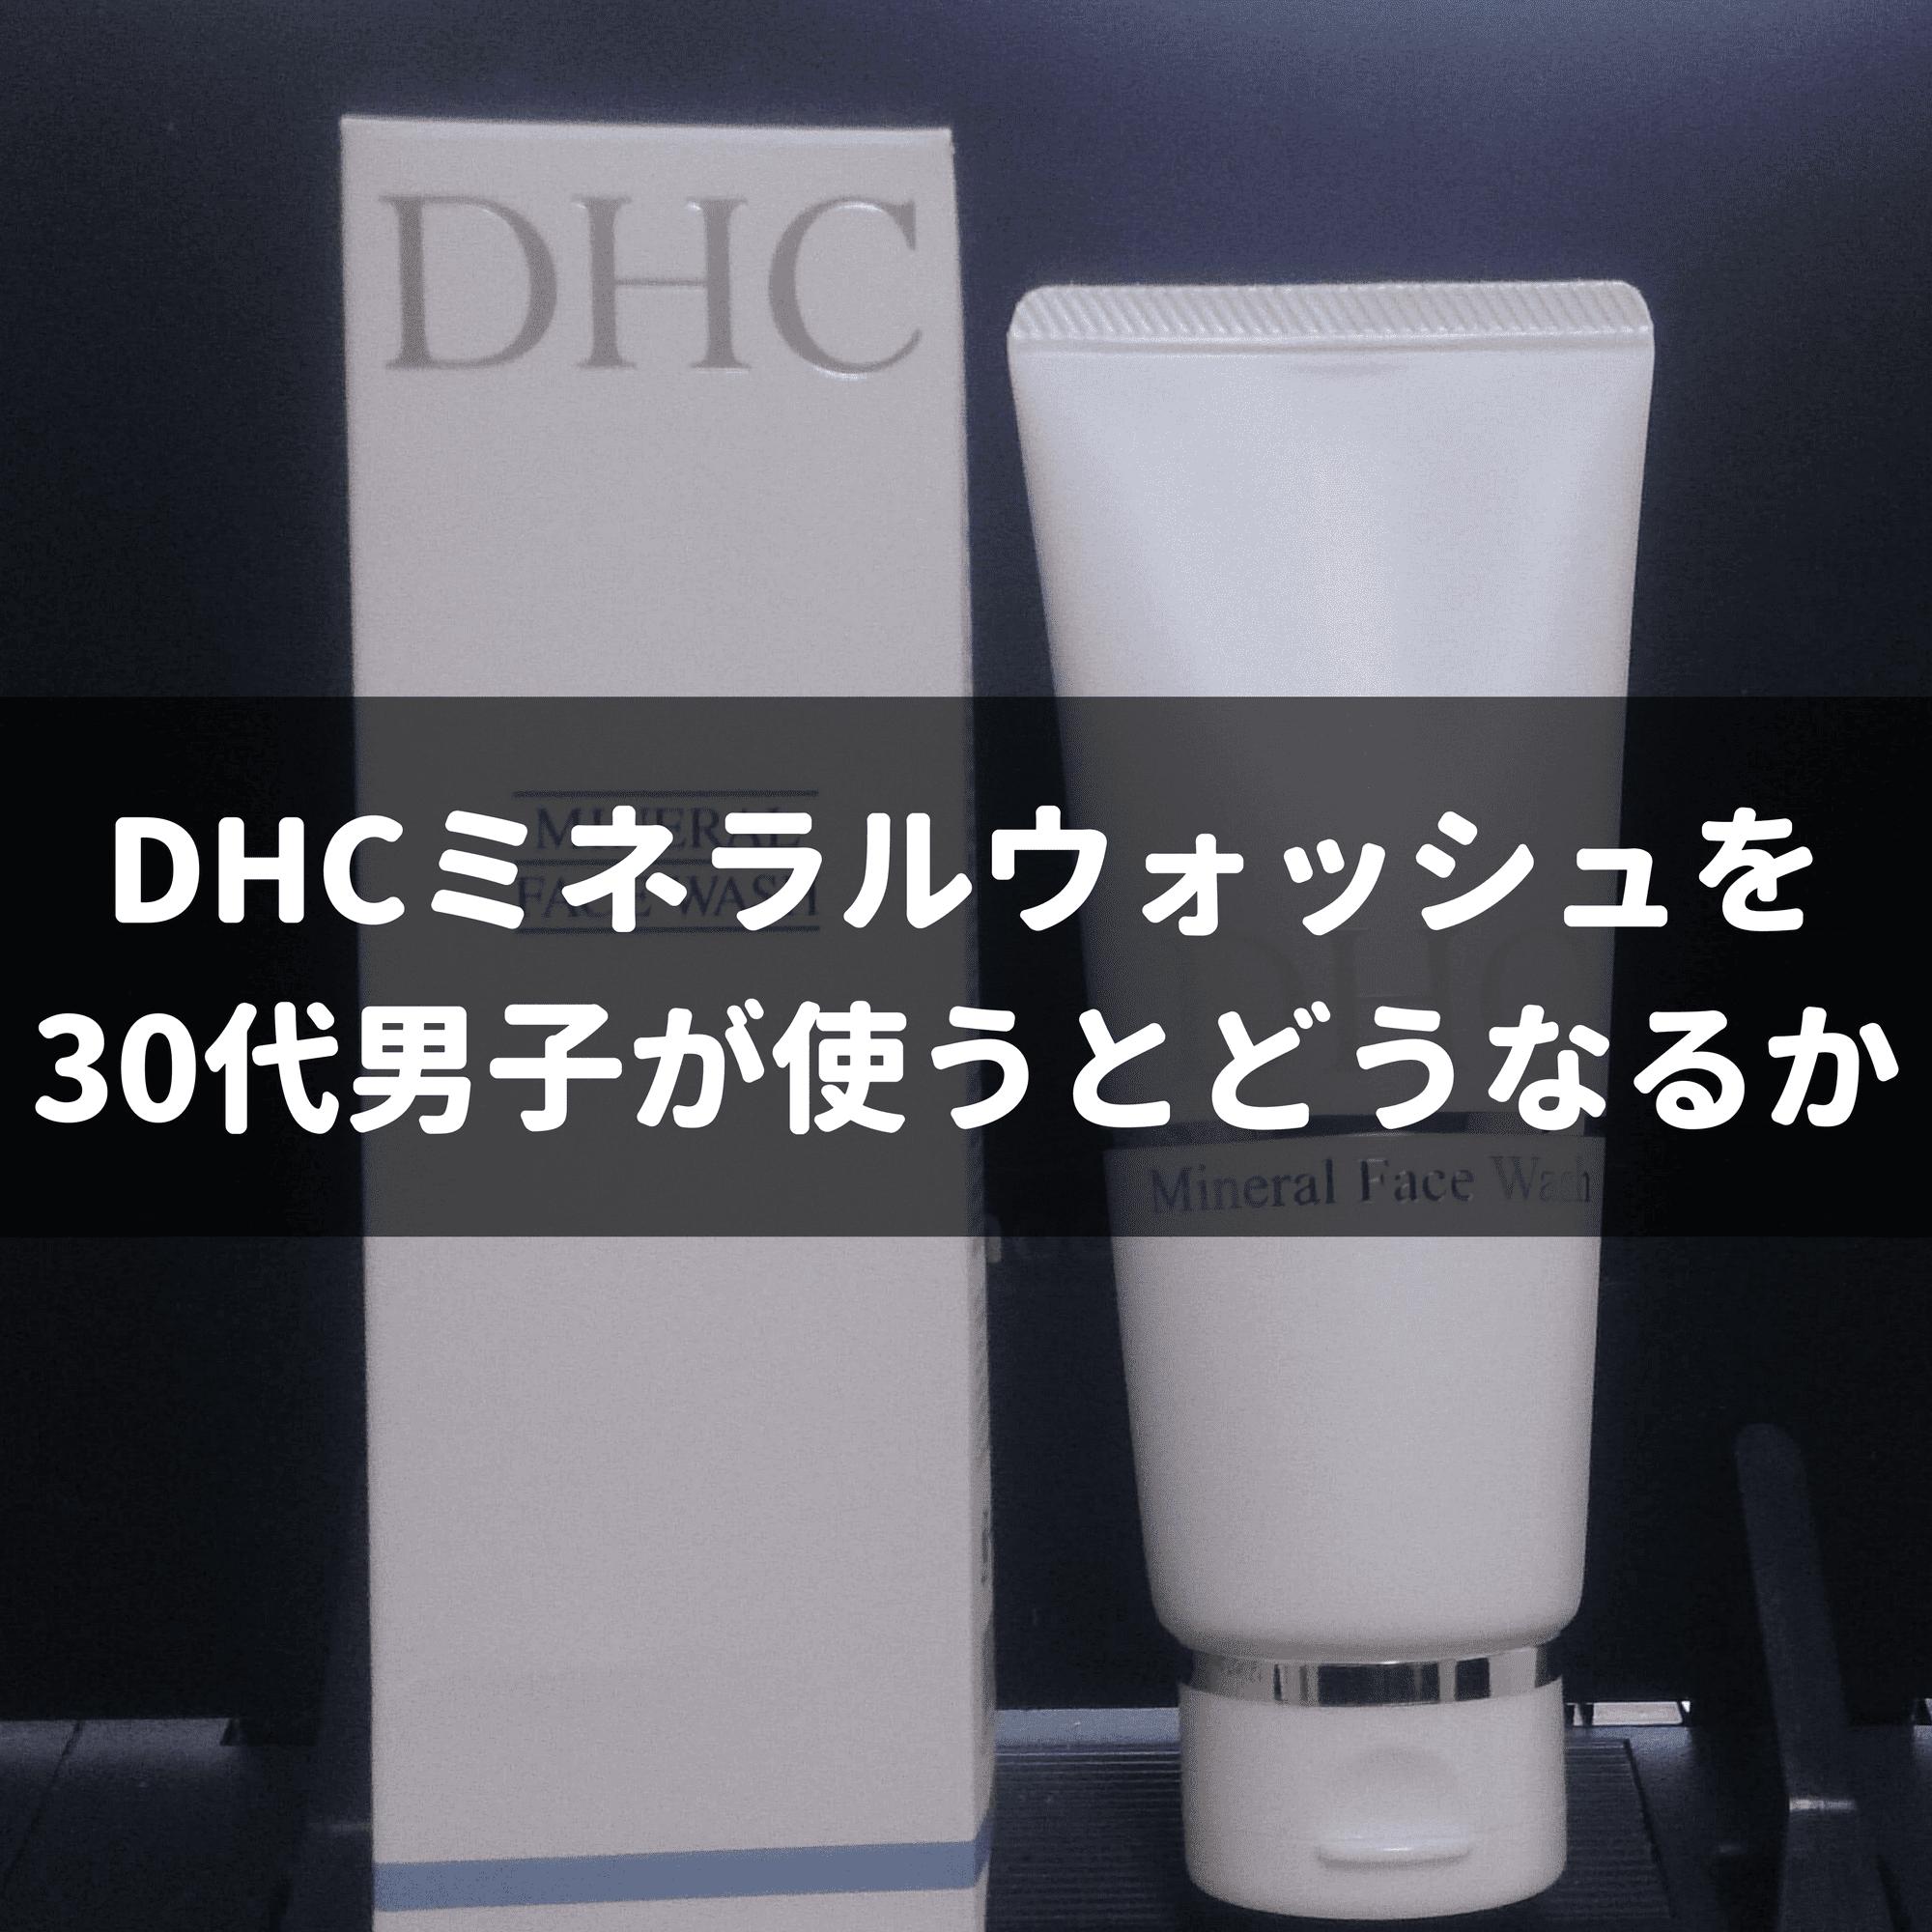 dhc-mineralwash